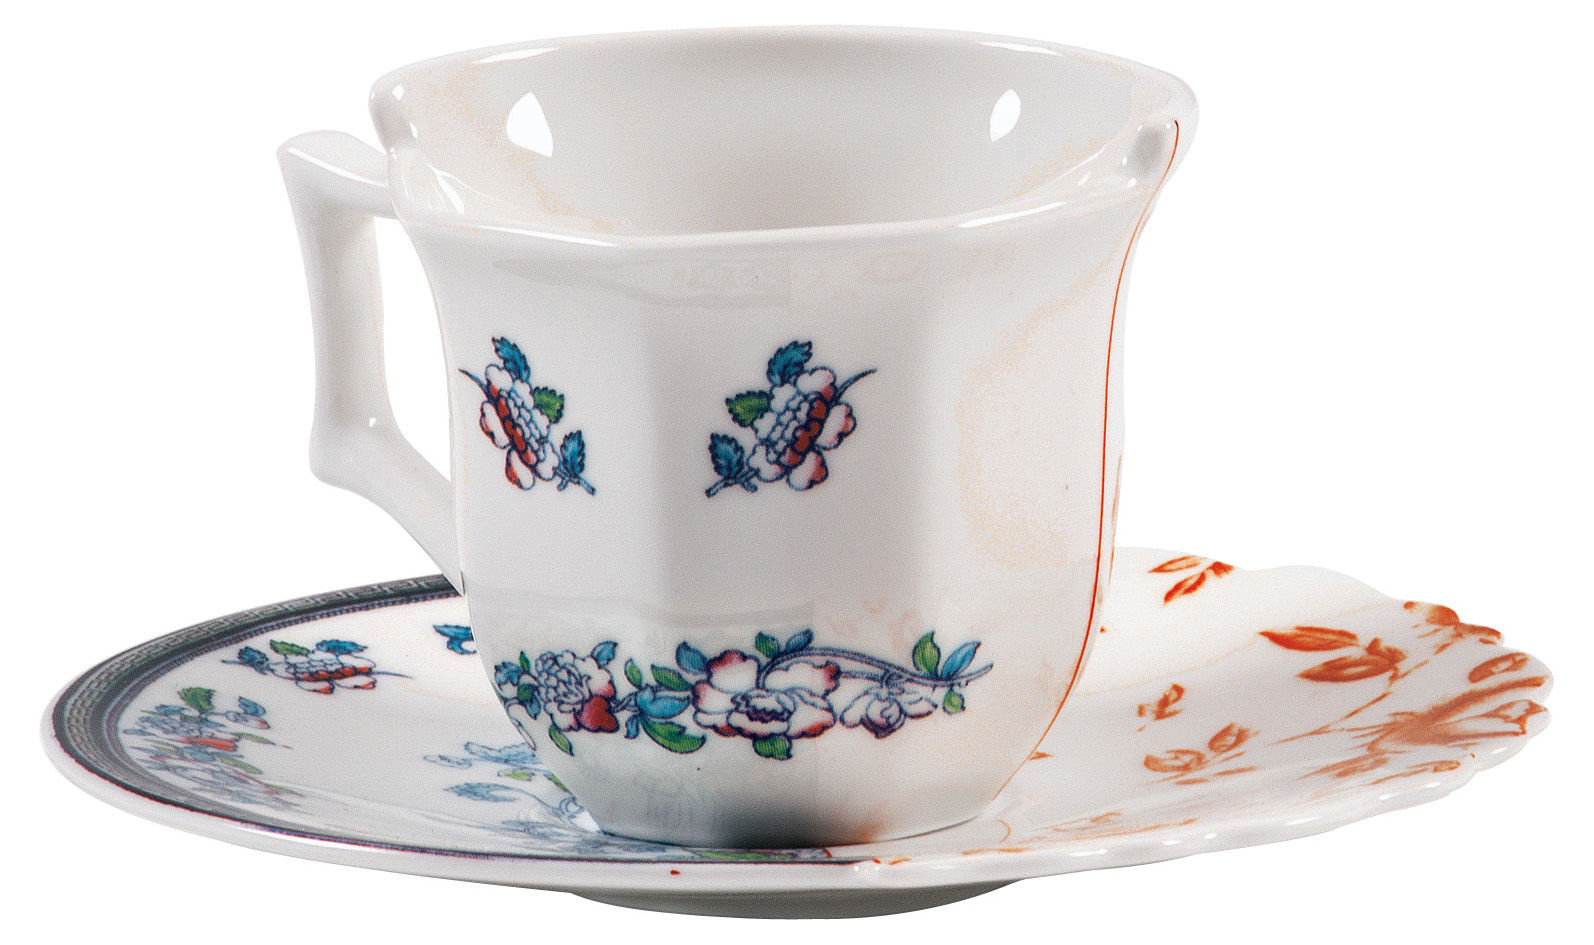 Arts de la table - Tasses et mugs - Tasse à café Hybrid Leonia Set tasse à café + soucoupe - Seletti - Leonia - Porcelaine